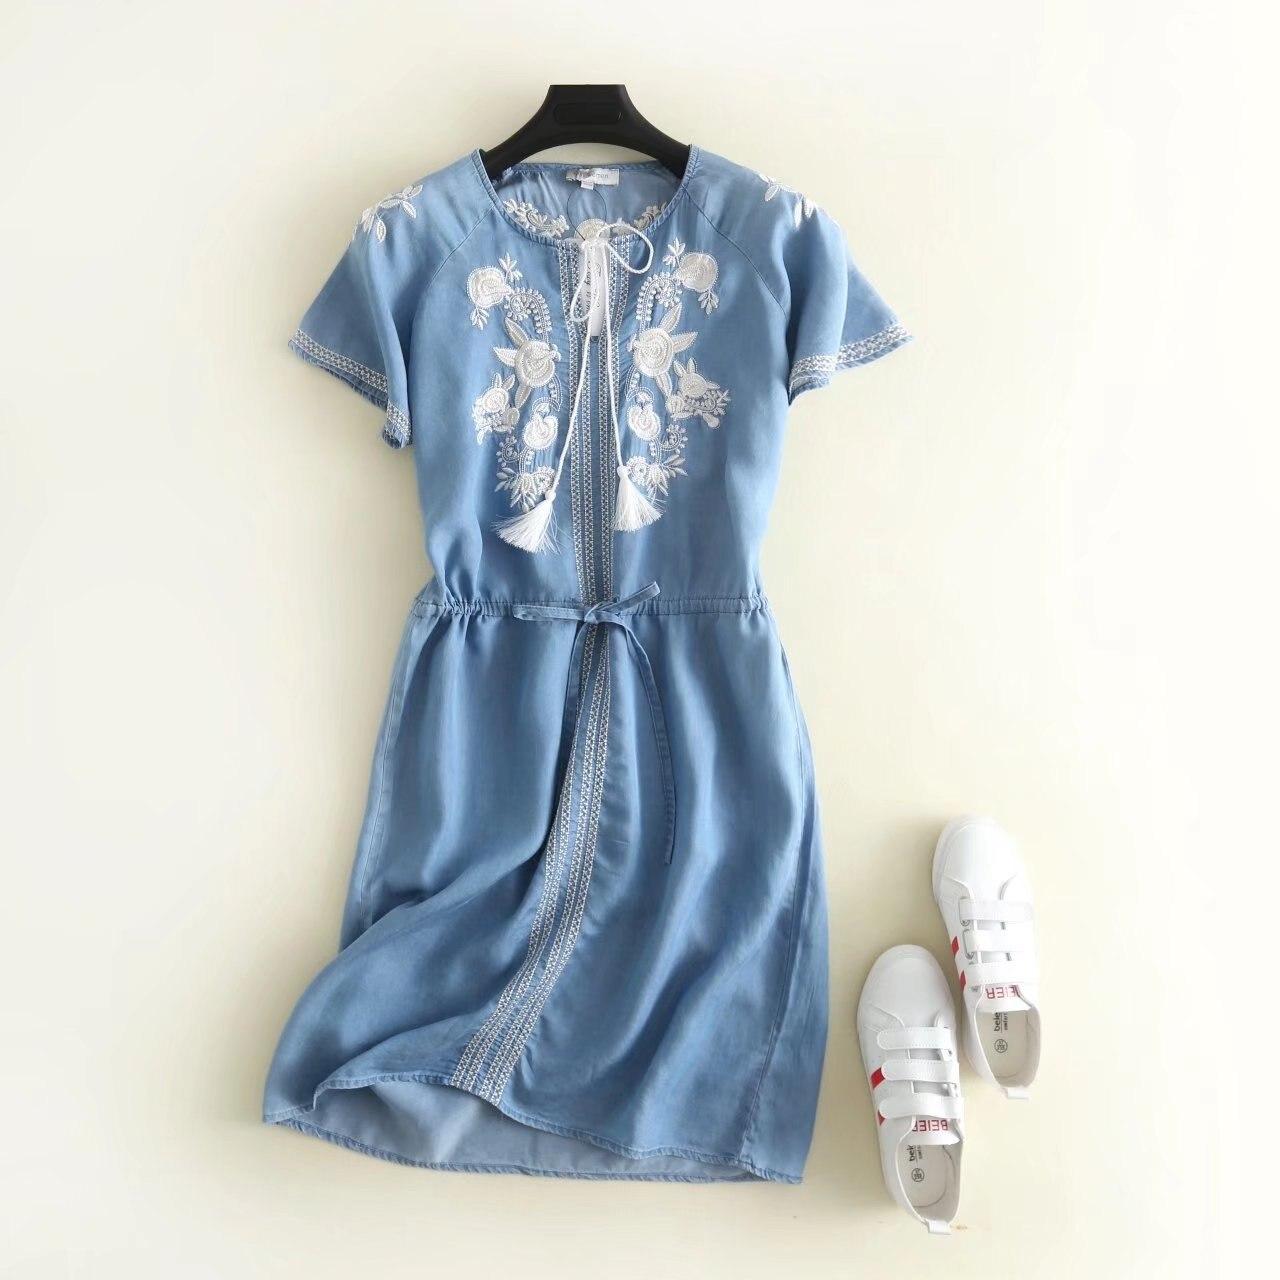 2019 été nouveauté cordon à lacets taille Denim robe Slim Floral broderie dentelle robe avec des glands livraison gratuite